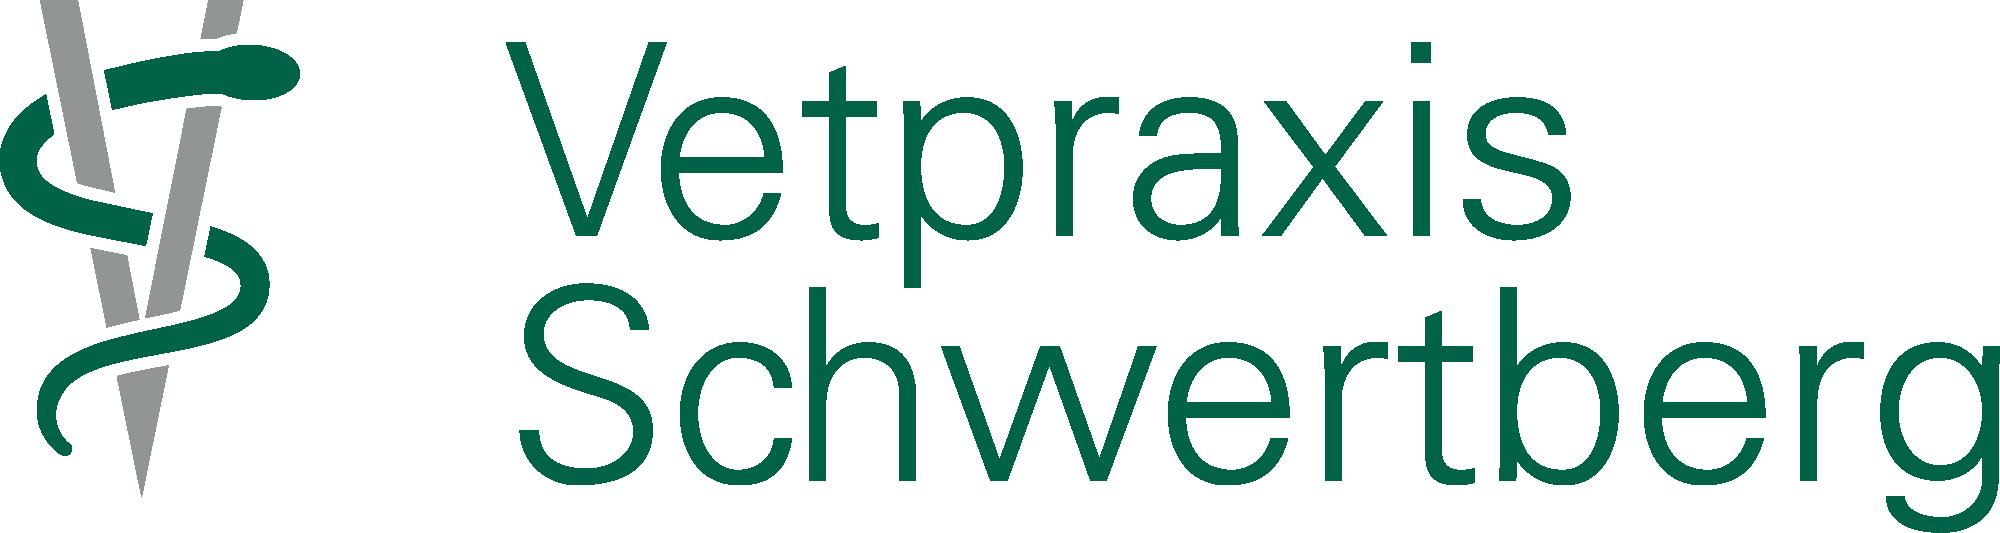 Vetpraxis Schwertberg